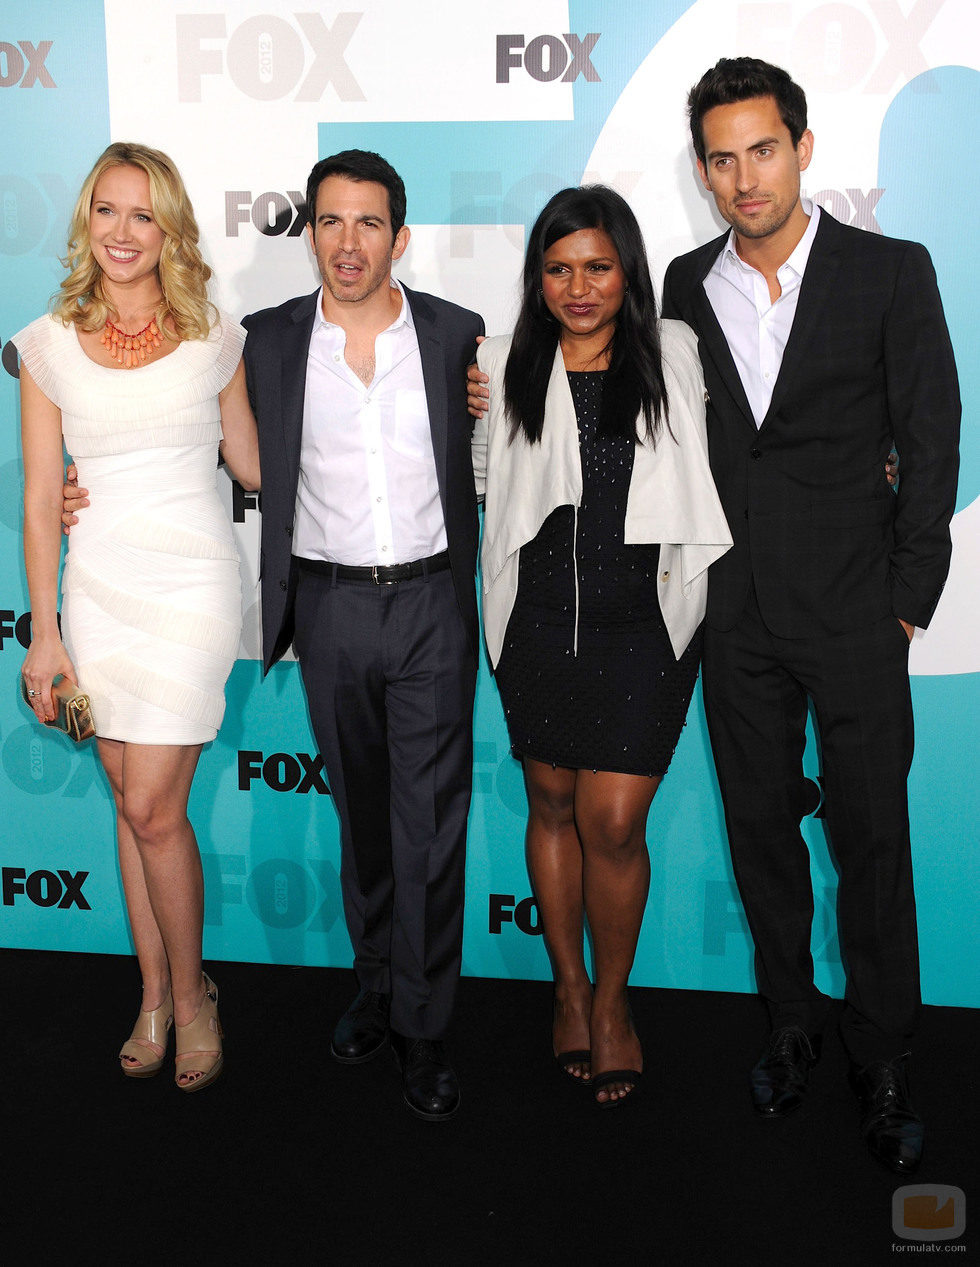 El reparto de 'The Mindy Project' en los Upfronts de Fox